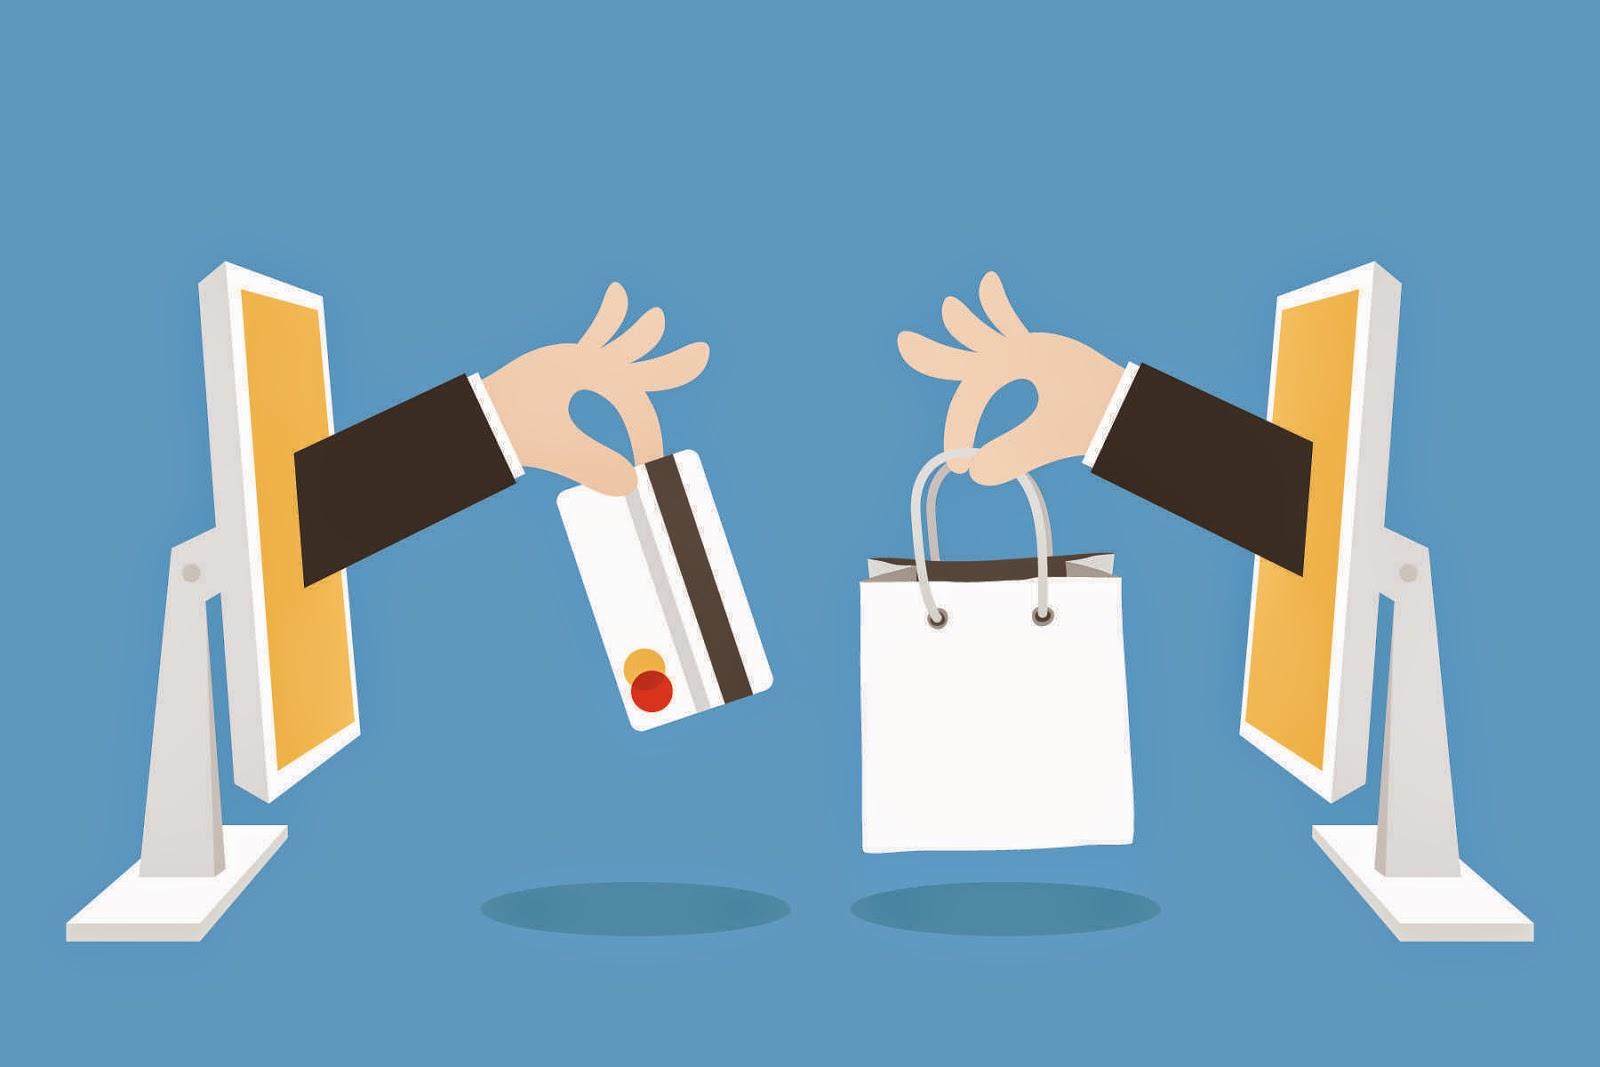 Bán hàng là gì? Kỹ năng cần có của người bán hàng thành công